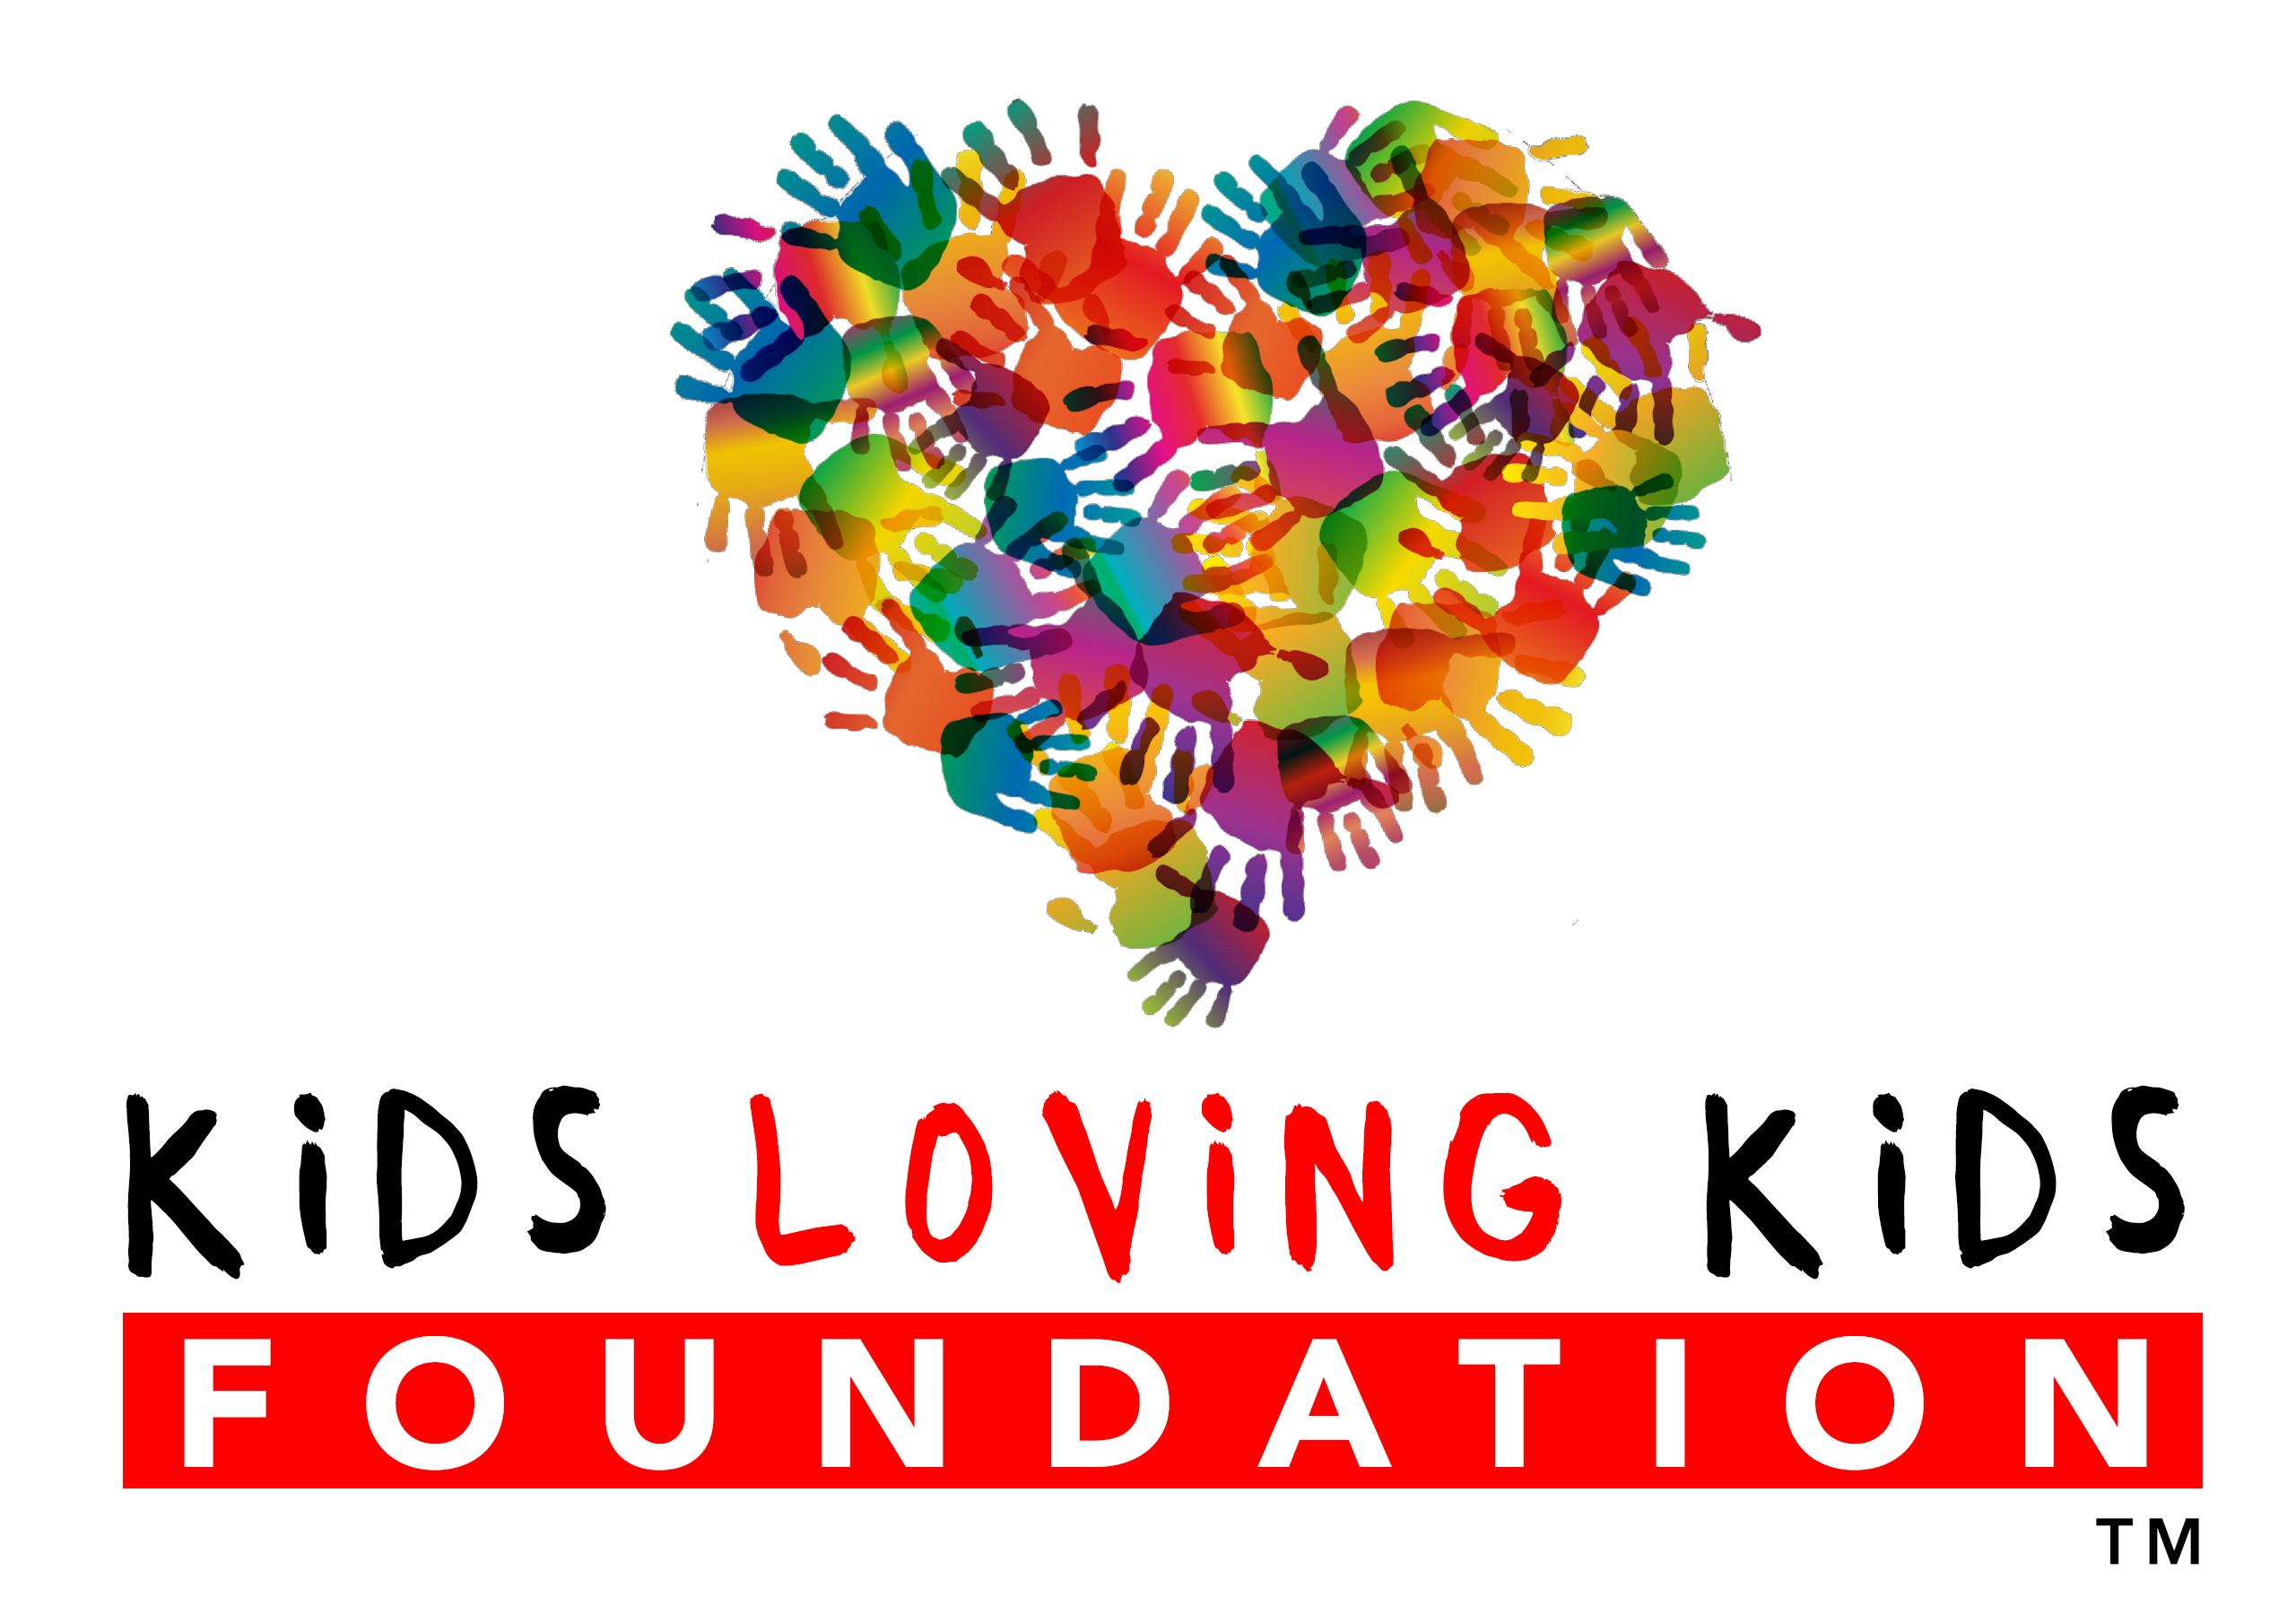 Kids Loving Kids Logo Helping Kids NonProfit